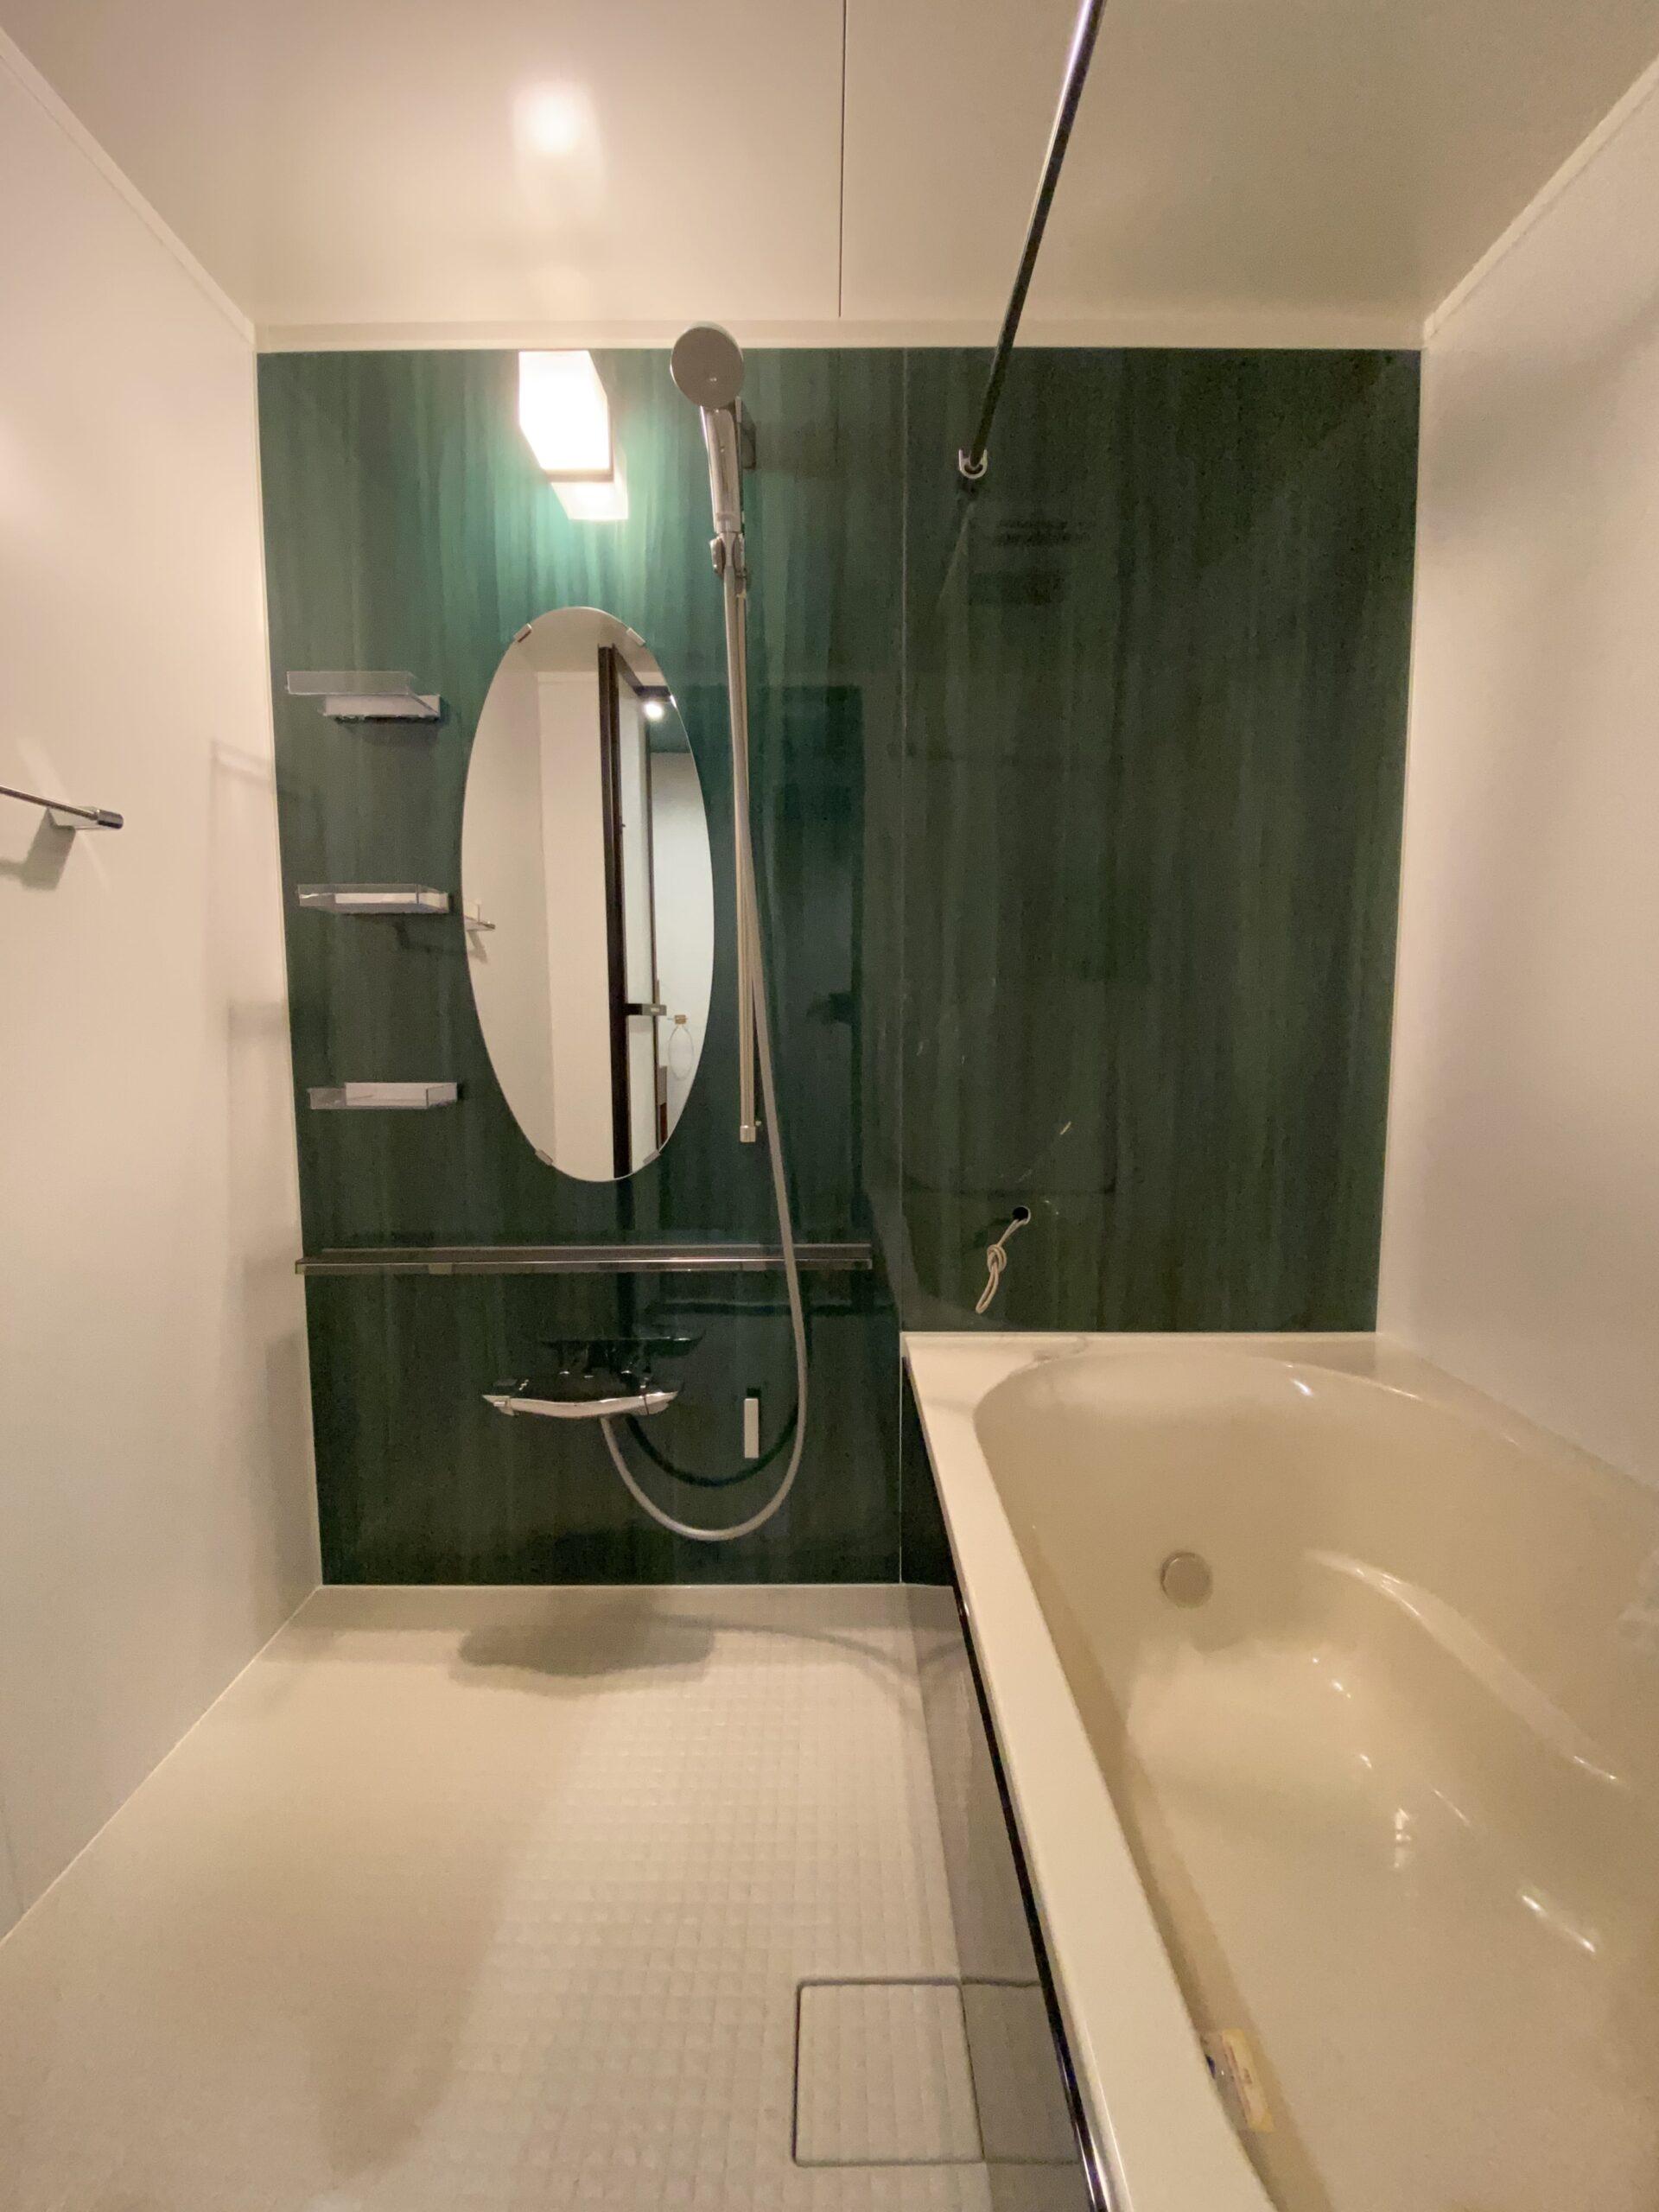 【神戸市】Refaの中古マンションリノベーション。ラ・フォルテ西神中央2番館2507号室。浴室